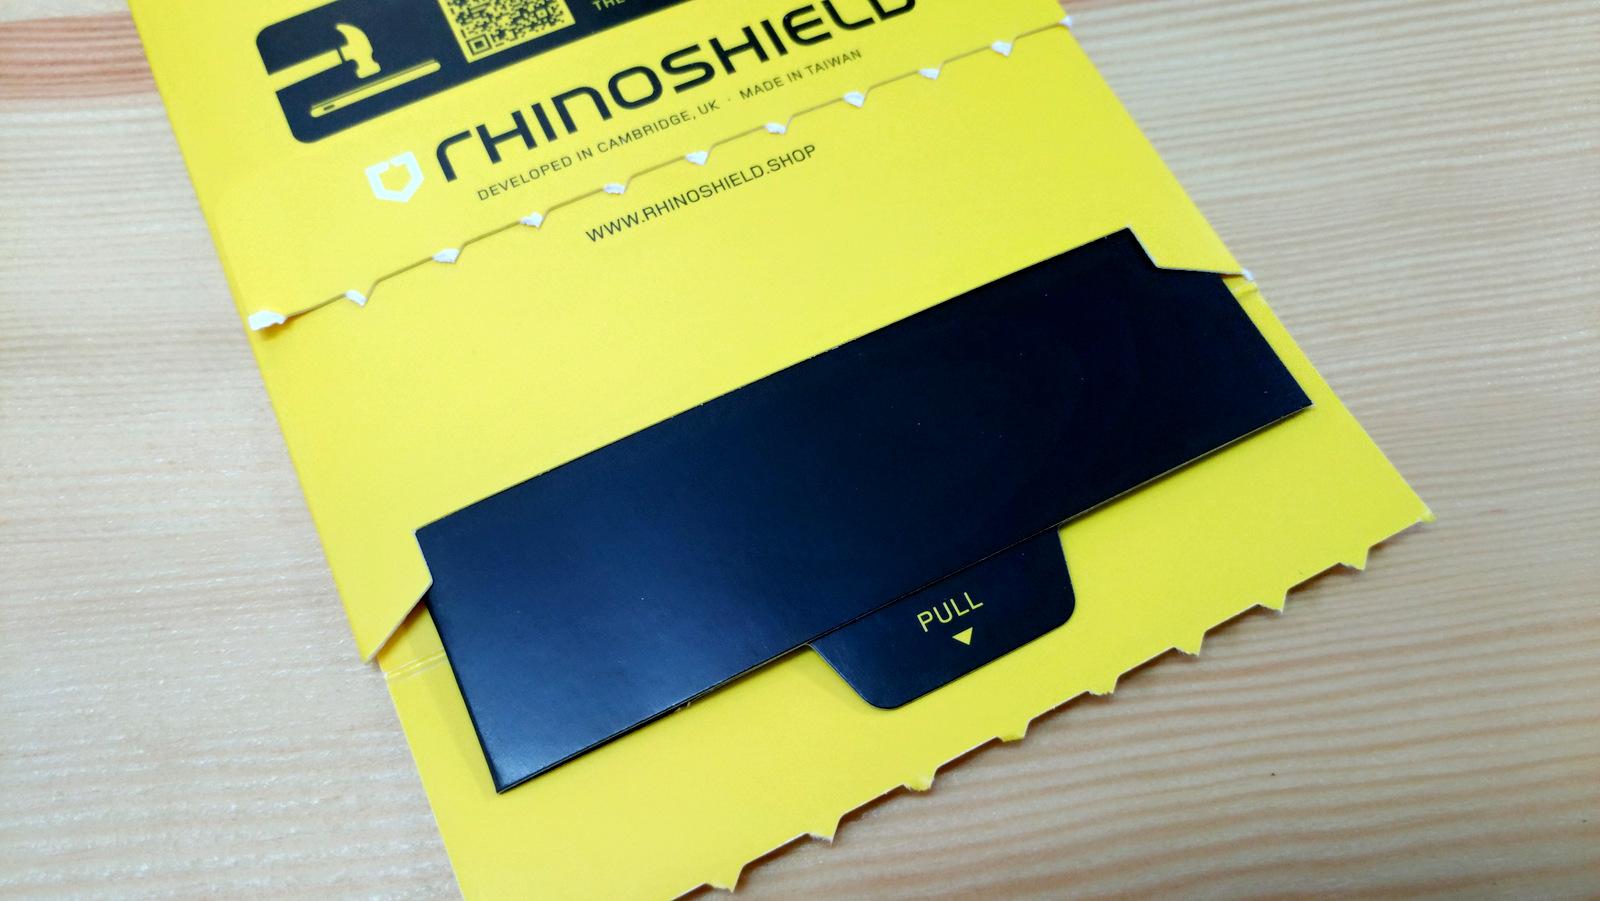 OnePlus 5 Case Hong Kong Rhino Shield _05